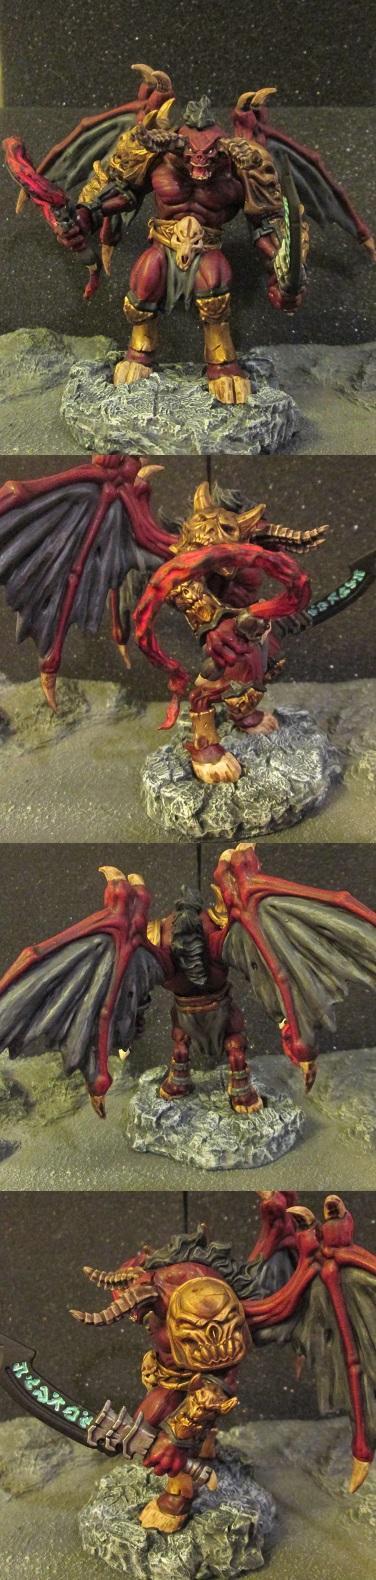 Reaper Fire Demon - Reaper Fire Demon - Gallery - DakkaDakka